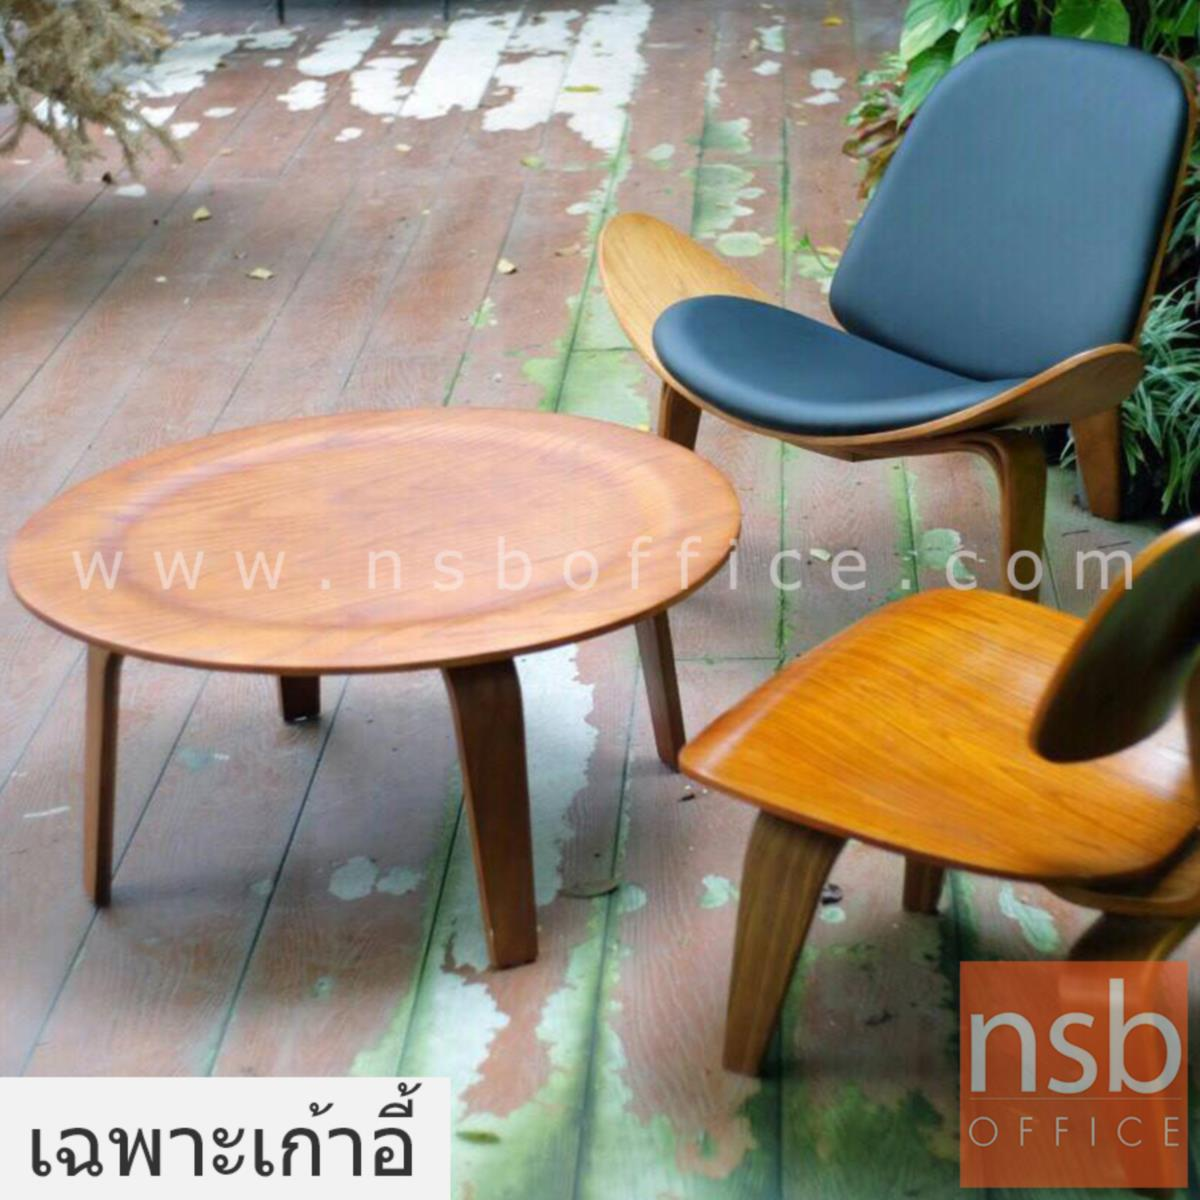 เก้าอี้โมเดิร์นหนัง PU รุ่น Jarlaf (จาร์ลาฟ) ขนาด 90.5W cm. โครงขาไม้